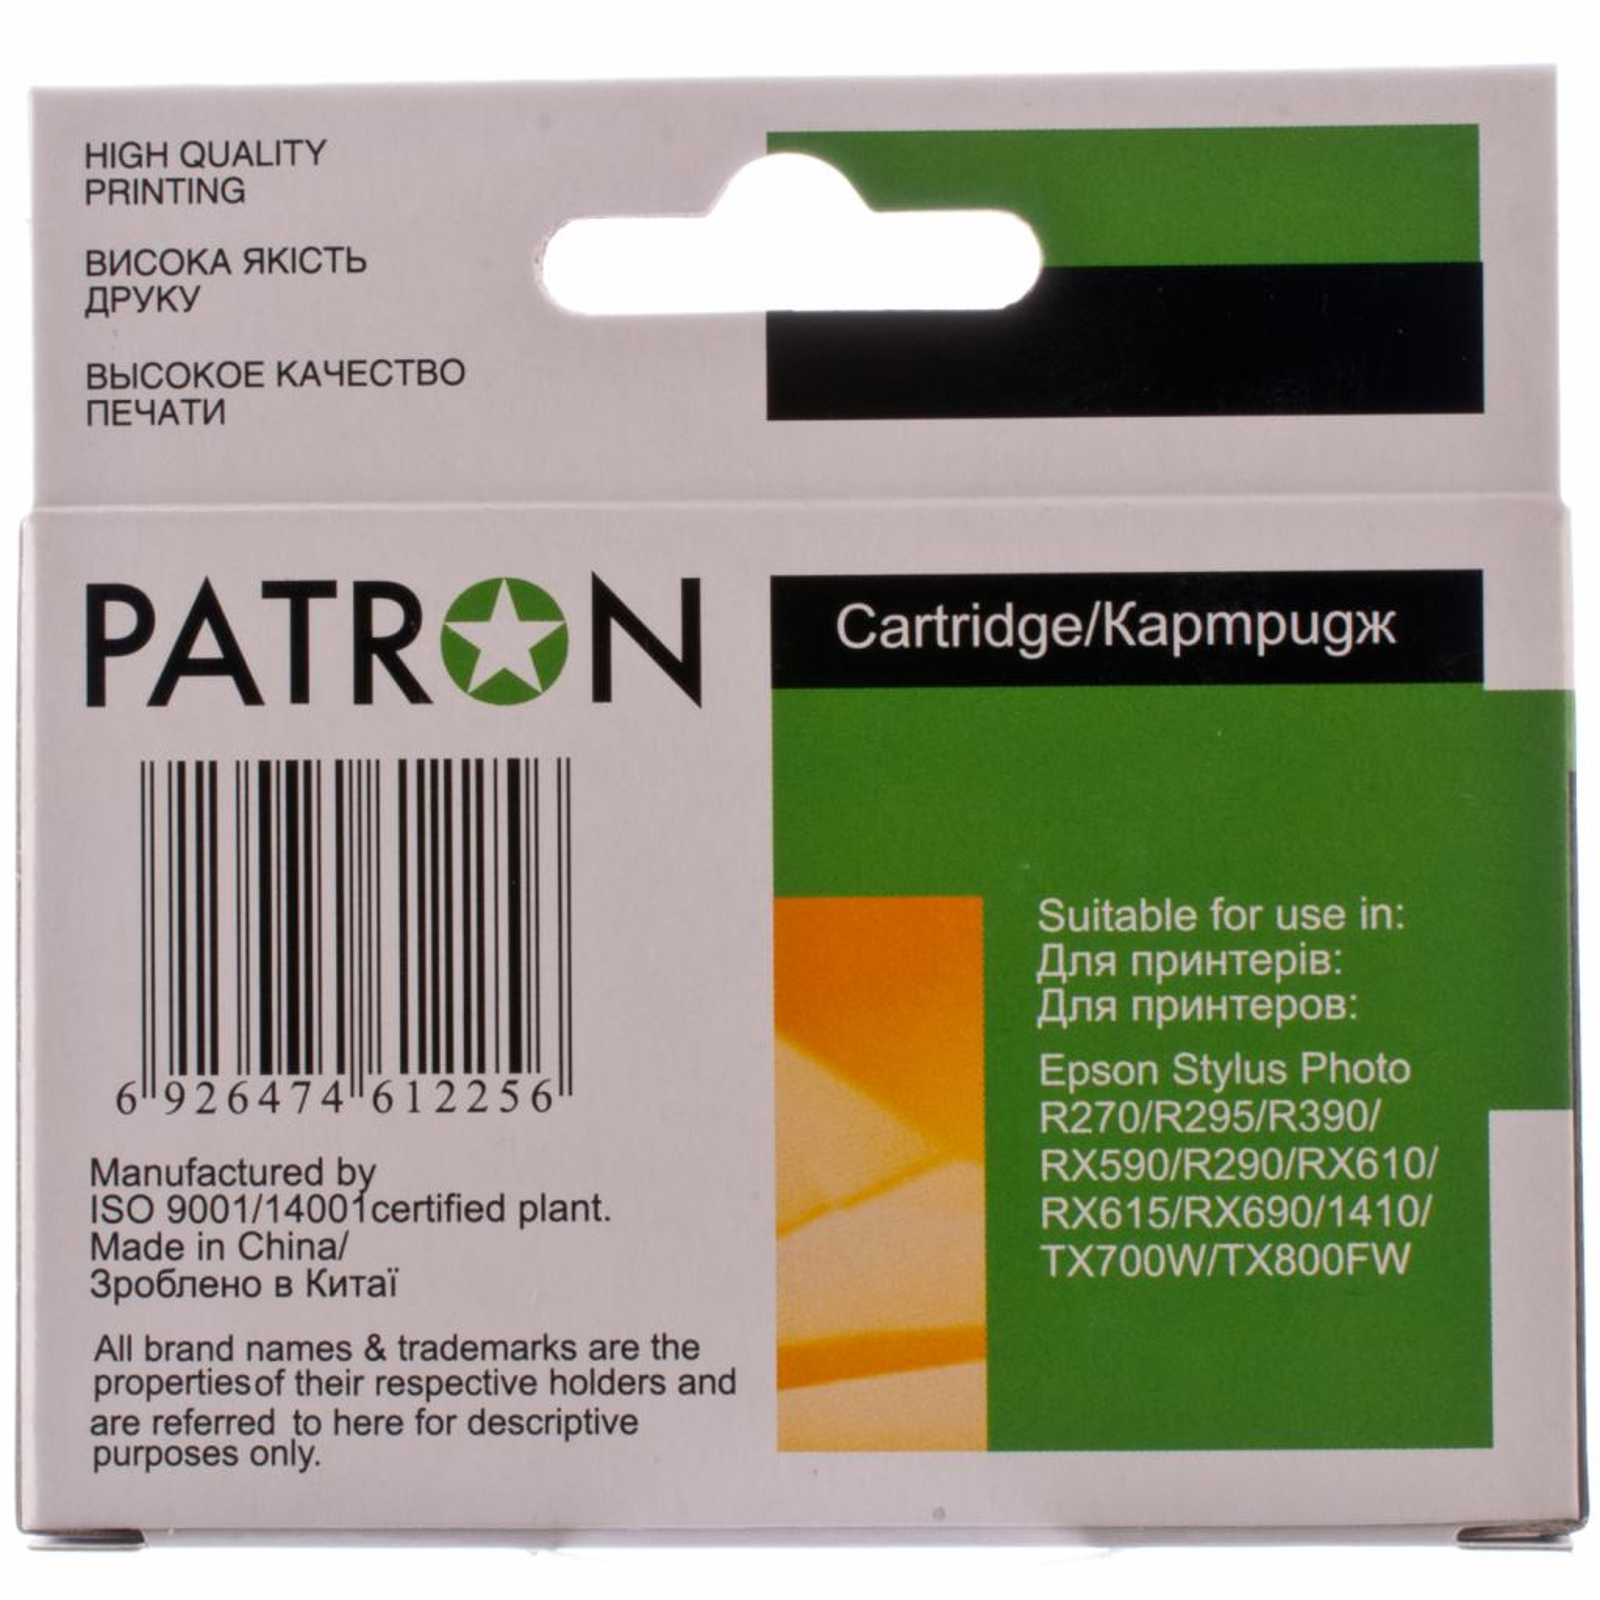 Картридж PATRON для EPSON R270/290/390/RX590 MAGENTA (PN-0823) (CI-EPS-T08134-M3-PN) изображение 5